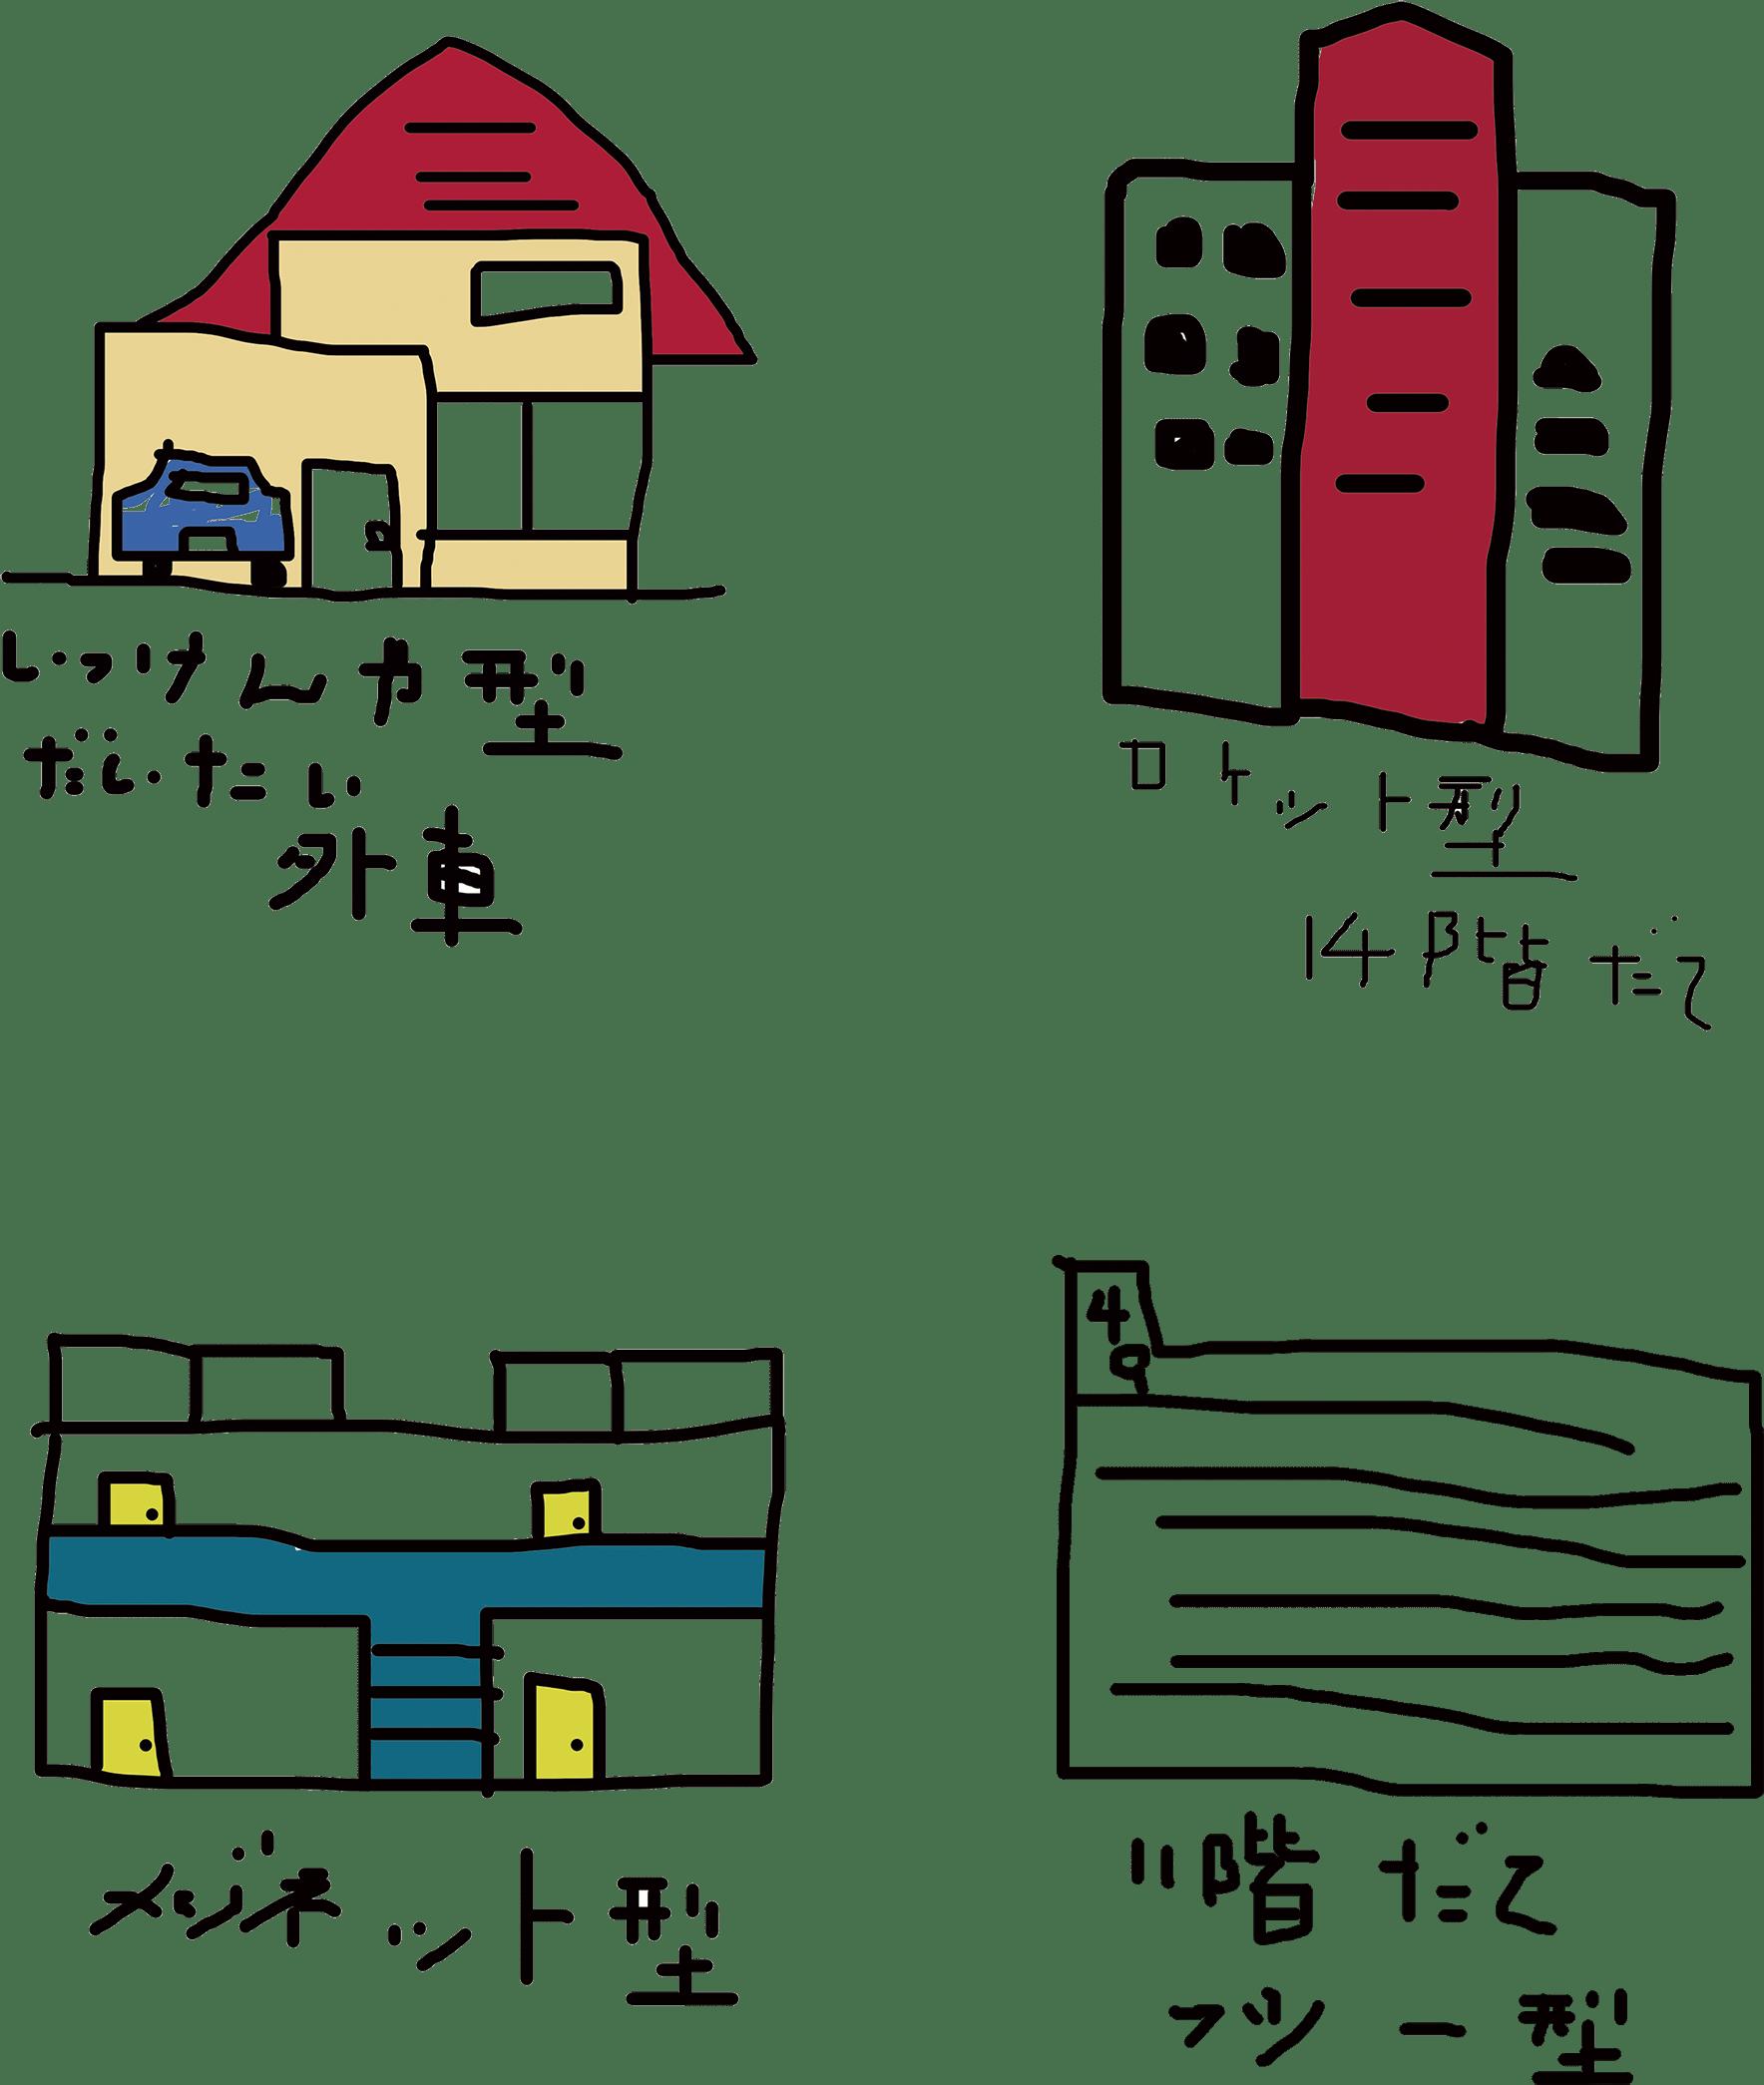 natsume_0311_2